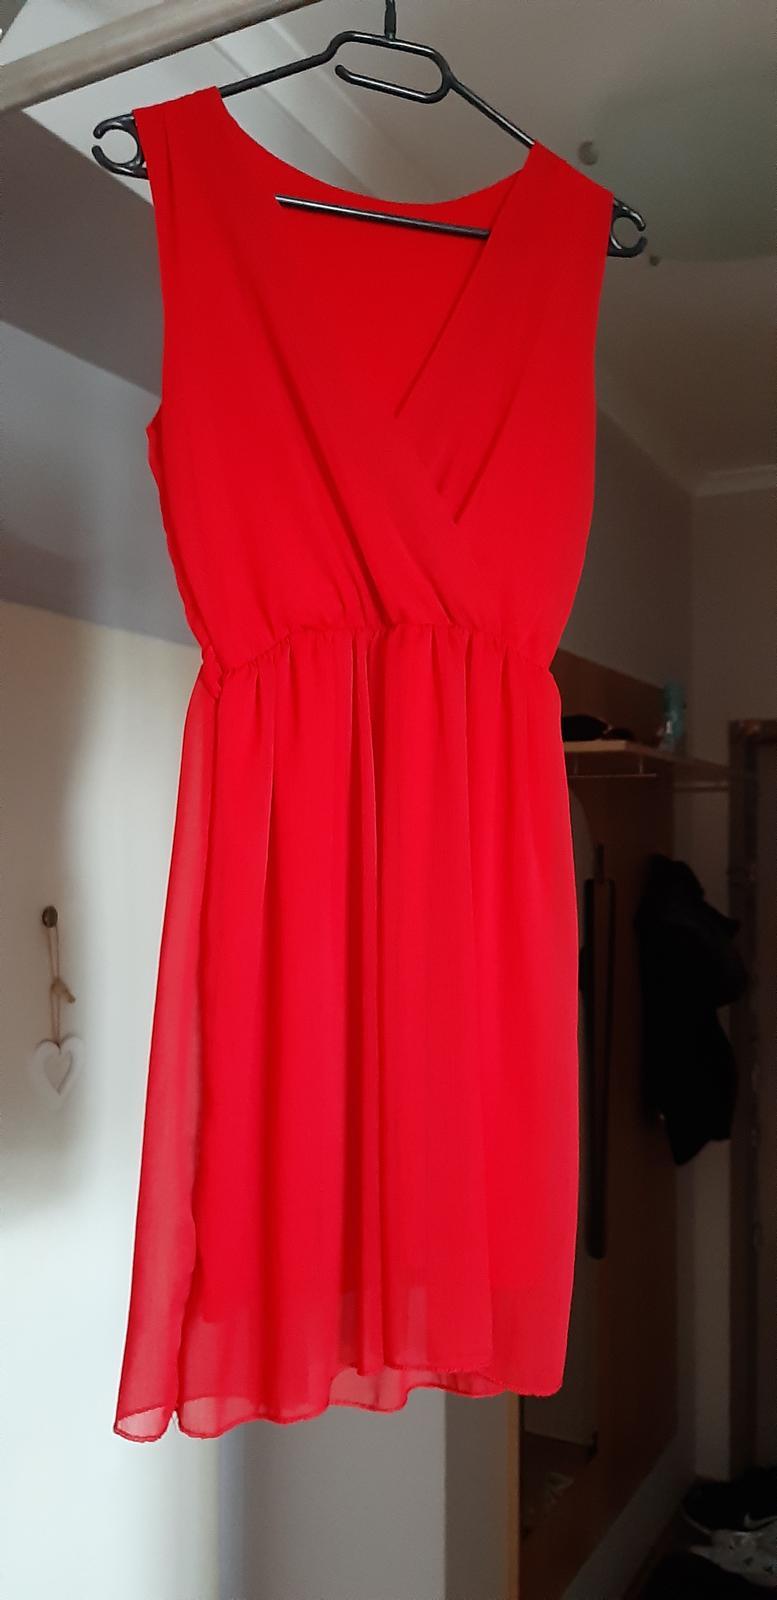 červené šaty univerzálna veľkosť - Obrázok č. 1